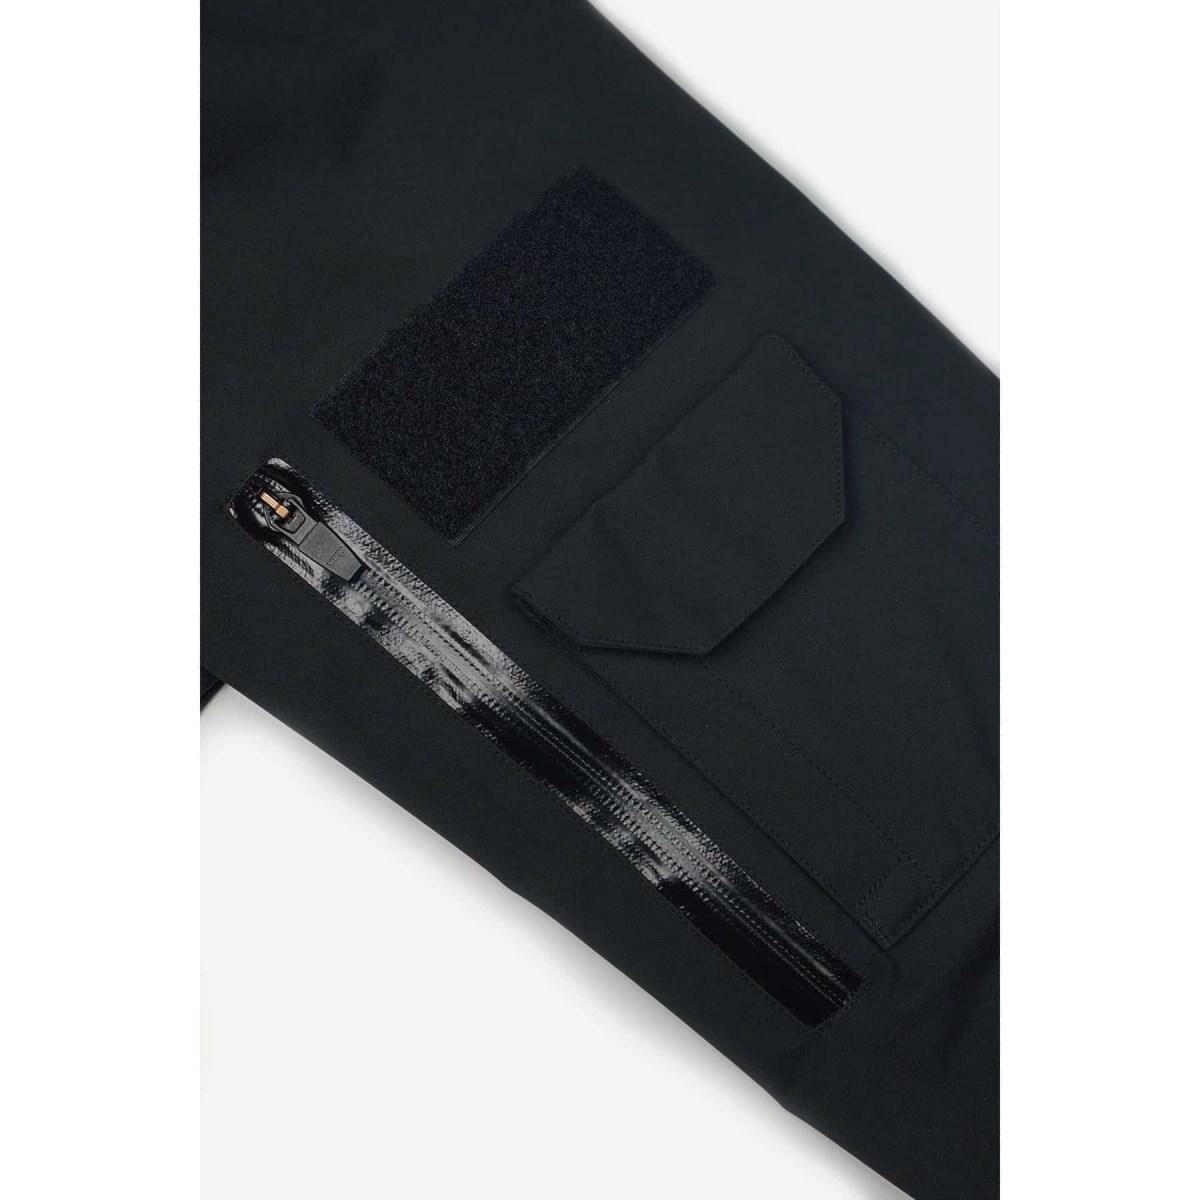 Techwear-ShellSoul-W001-J-Hunter-Shell-Jacket-Details-18-v2.jpg